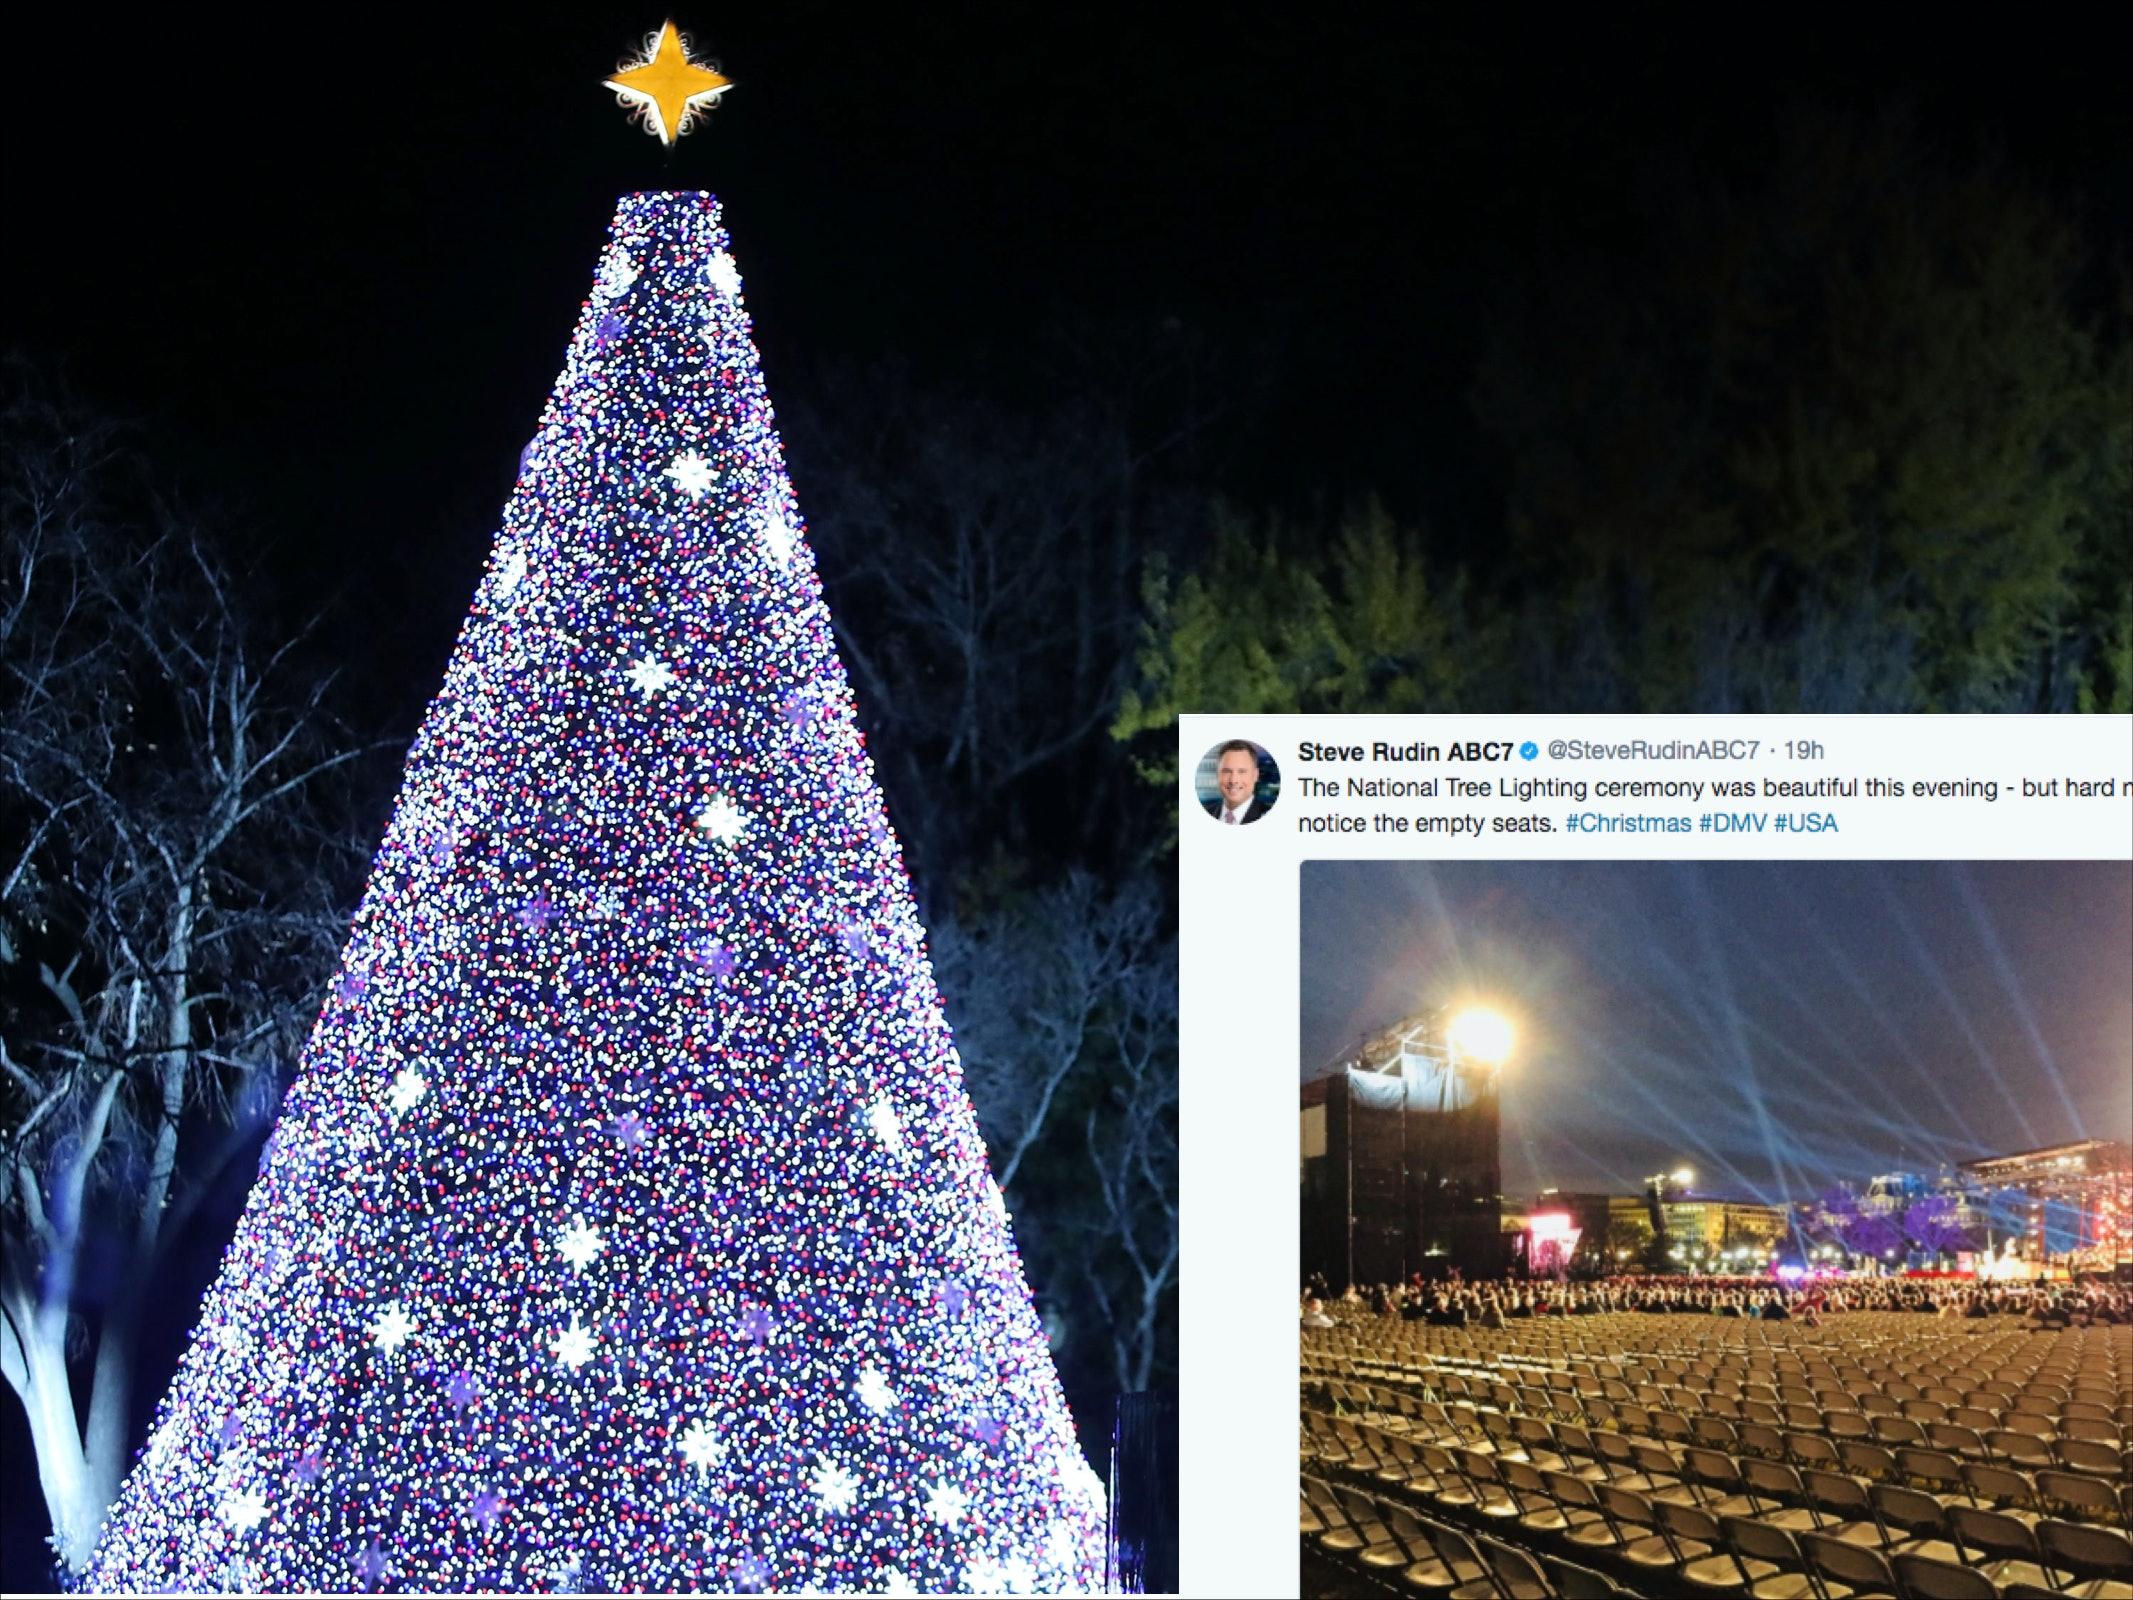 & Photos Of Trumpu0027s Christmas Tree Lighting Are All Kinds Of Awkward